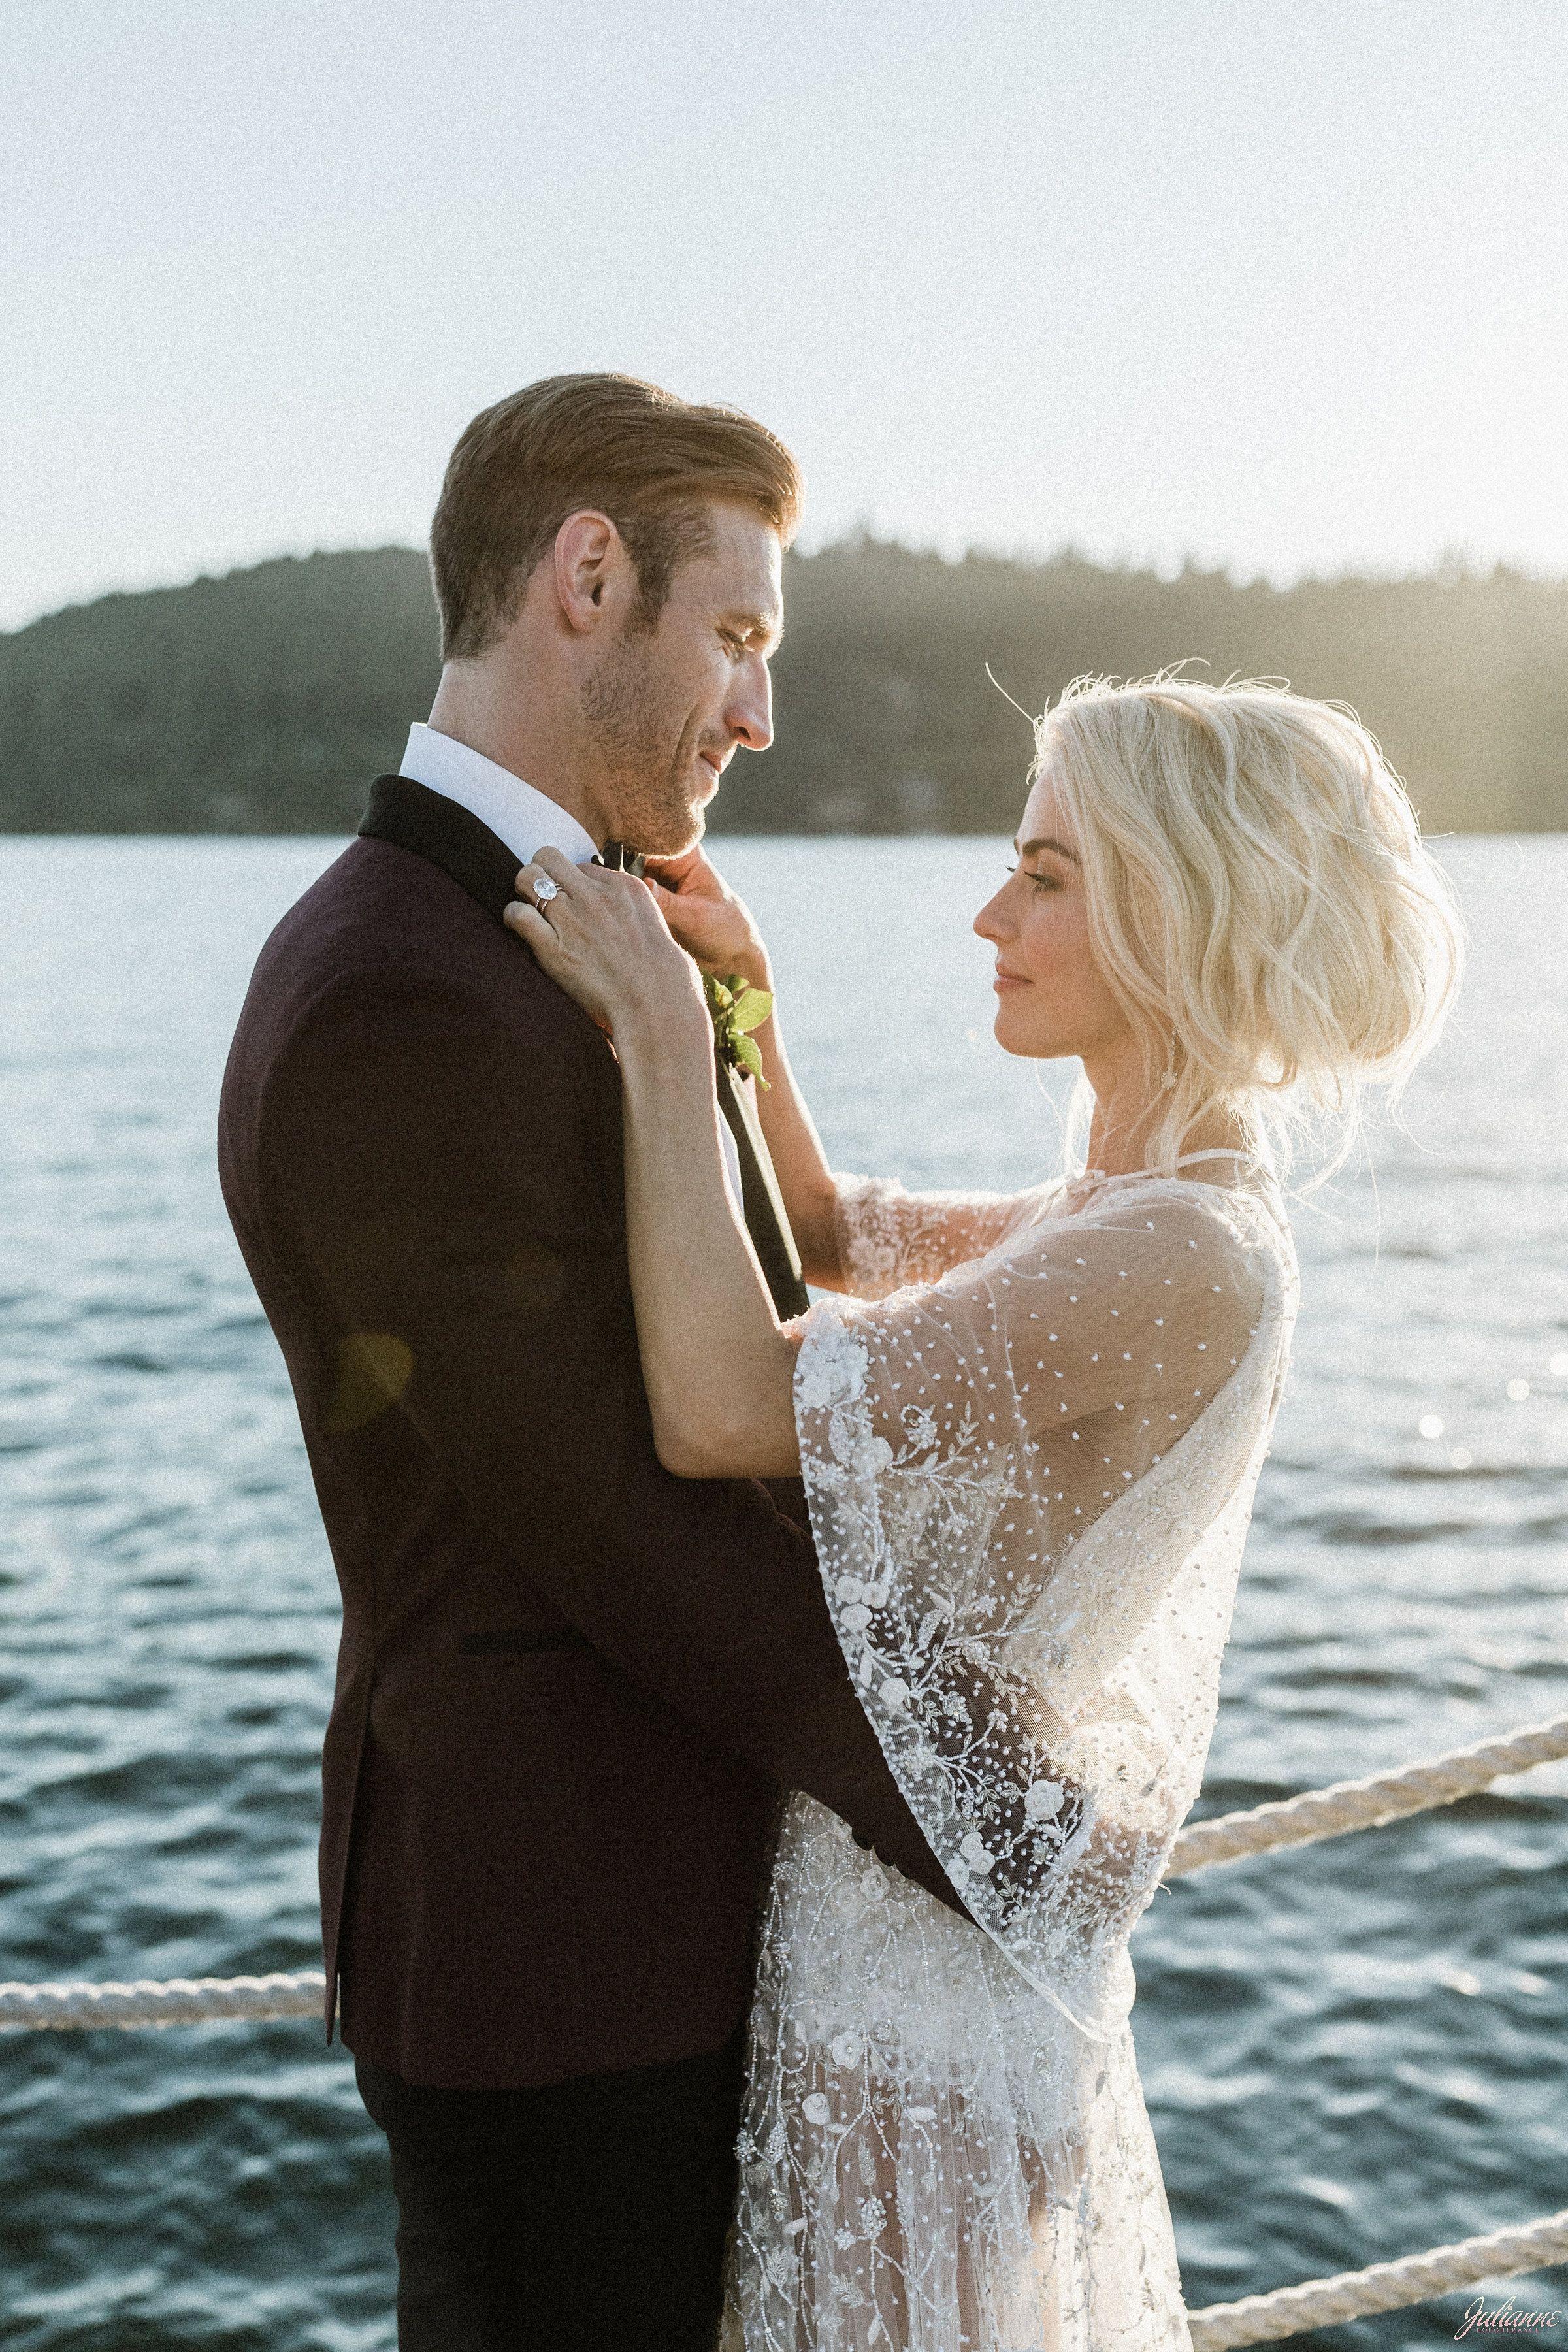 Julianne Hough Wedding Dress.Julianne Hough And Brooks Laich Julianne Hough Wedding